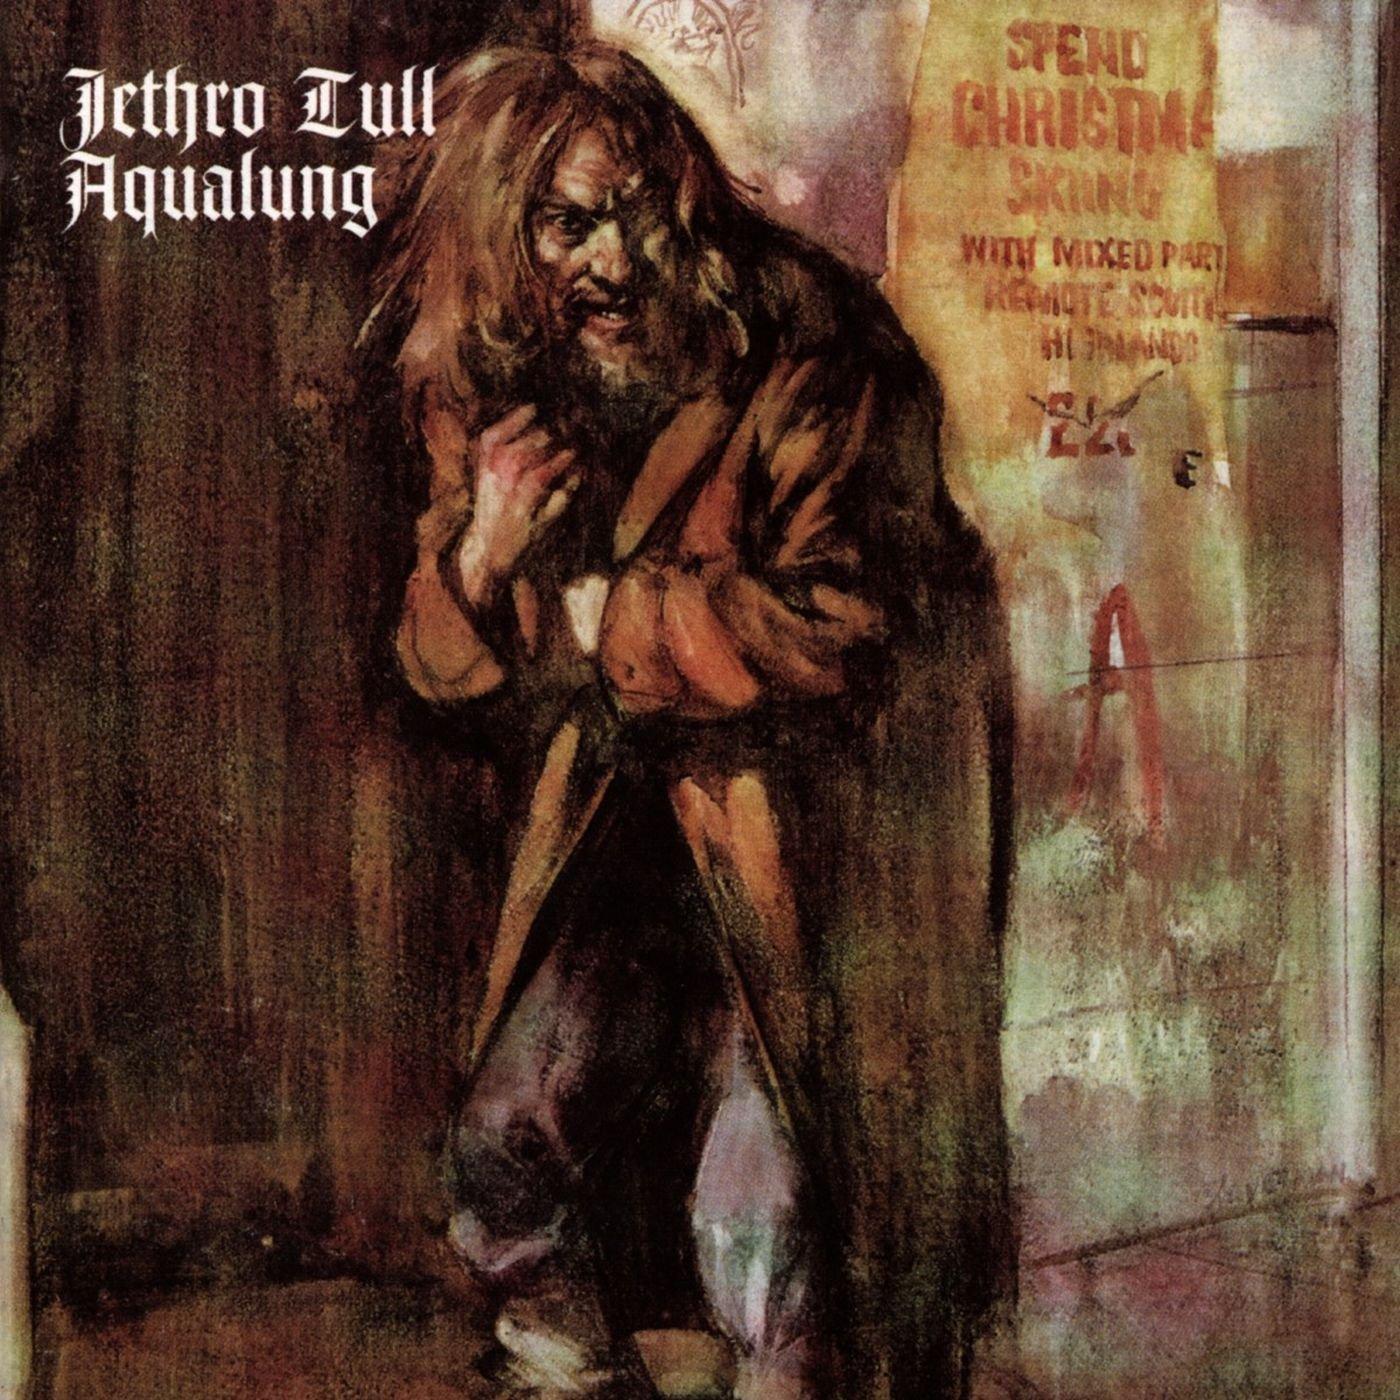 `Música de nuestras Vidas´ hoy Jethro Tull y `Aqualung´